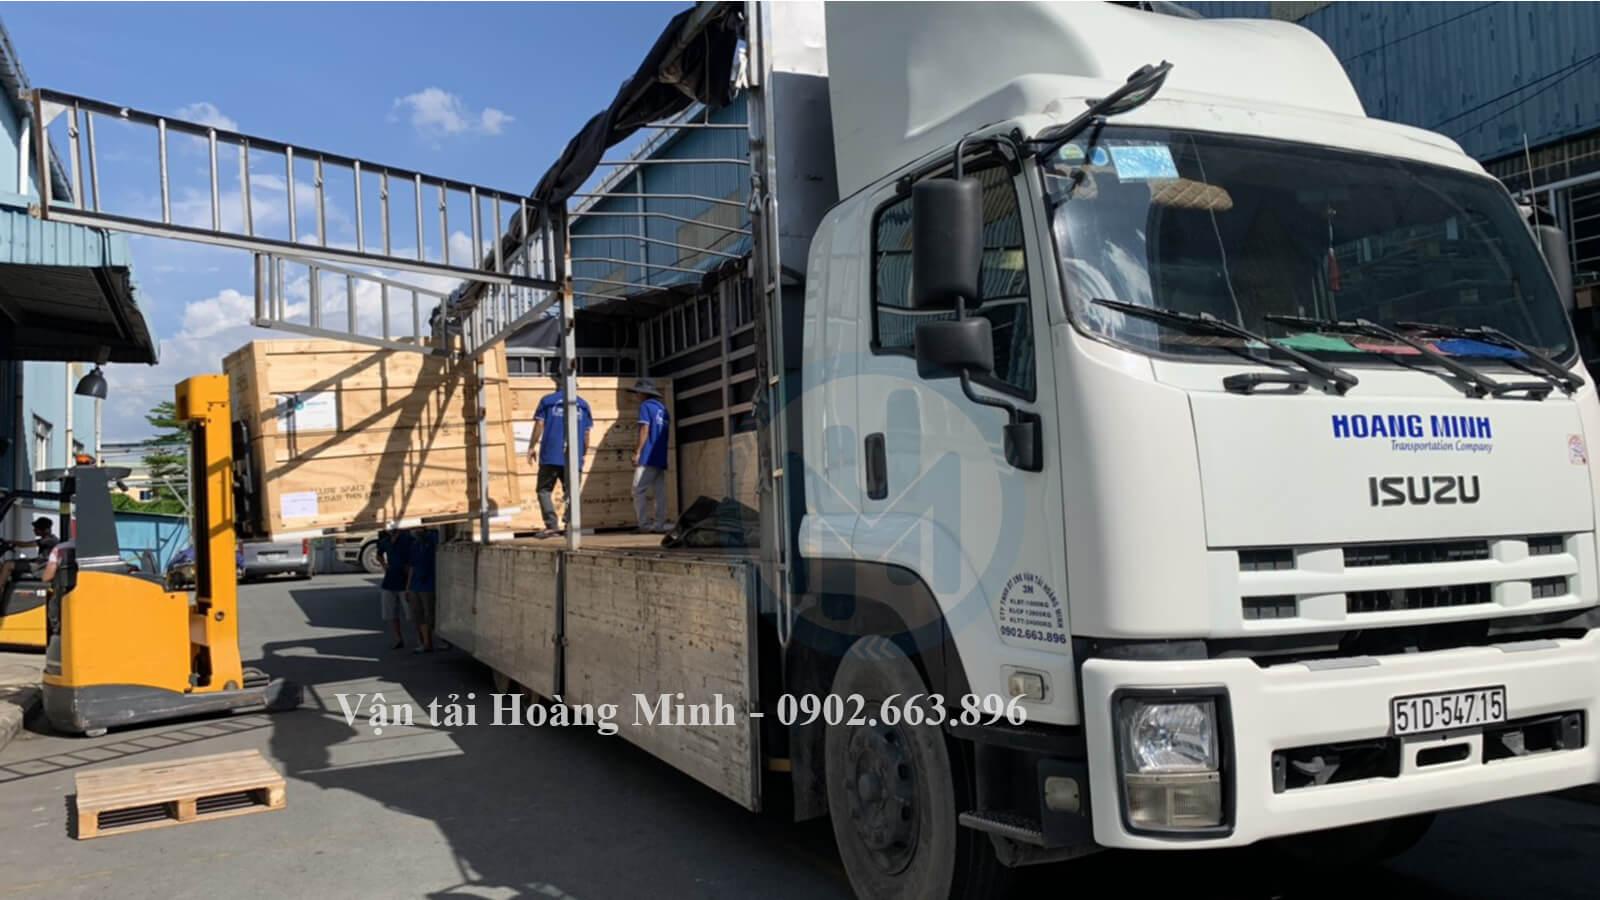 Vận tải Hoàng Minh cung cấp xe tải chở hàng Quận Bình Tân có kích thước như thế nào